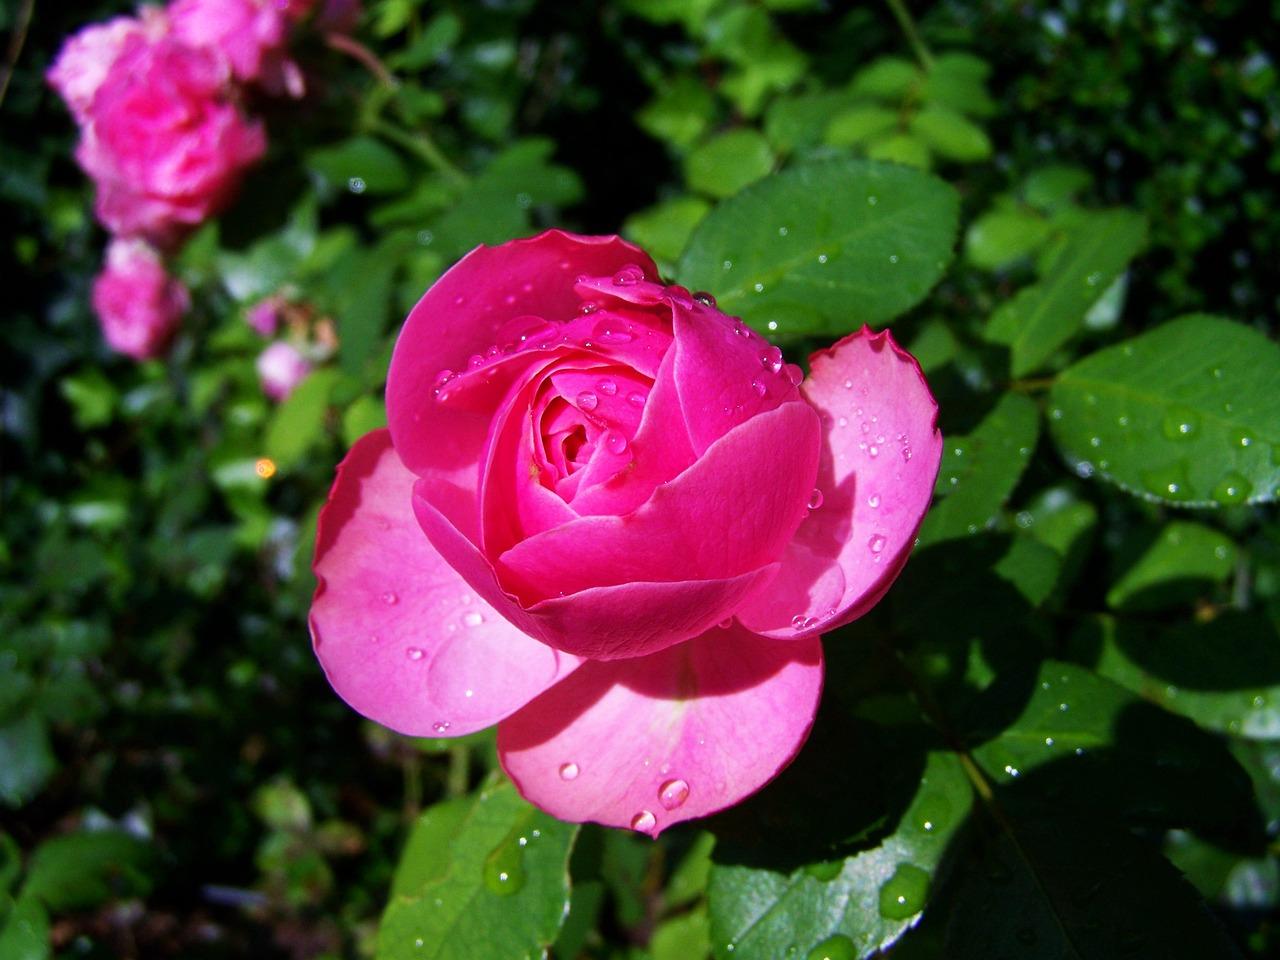 玫瑰刺高清摄影图片下载-玫瑰刺正版摄影图-千图网摄影图库